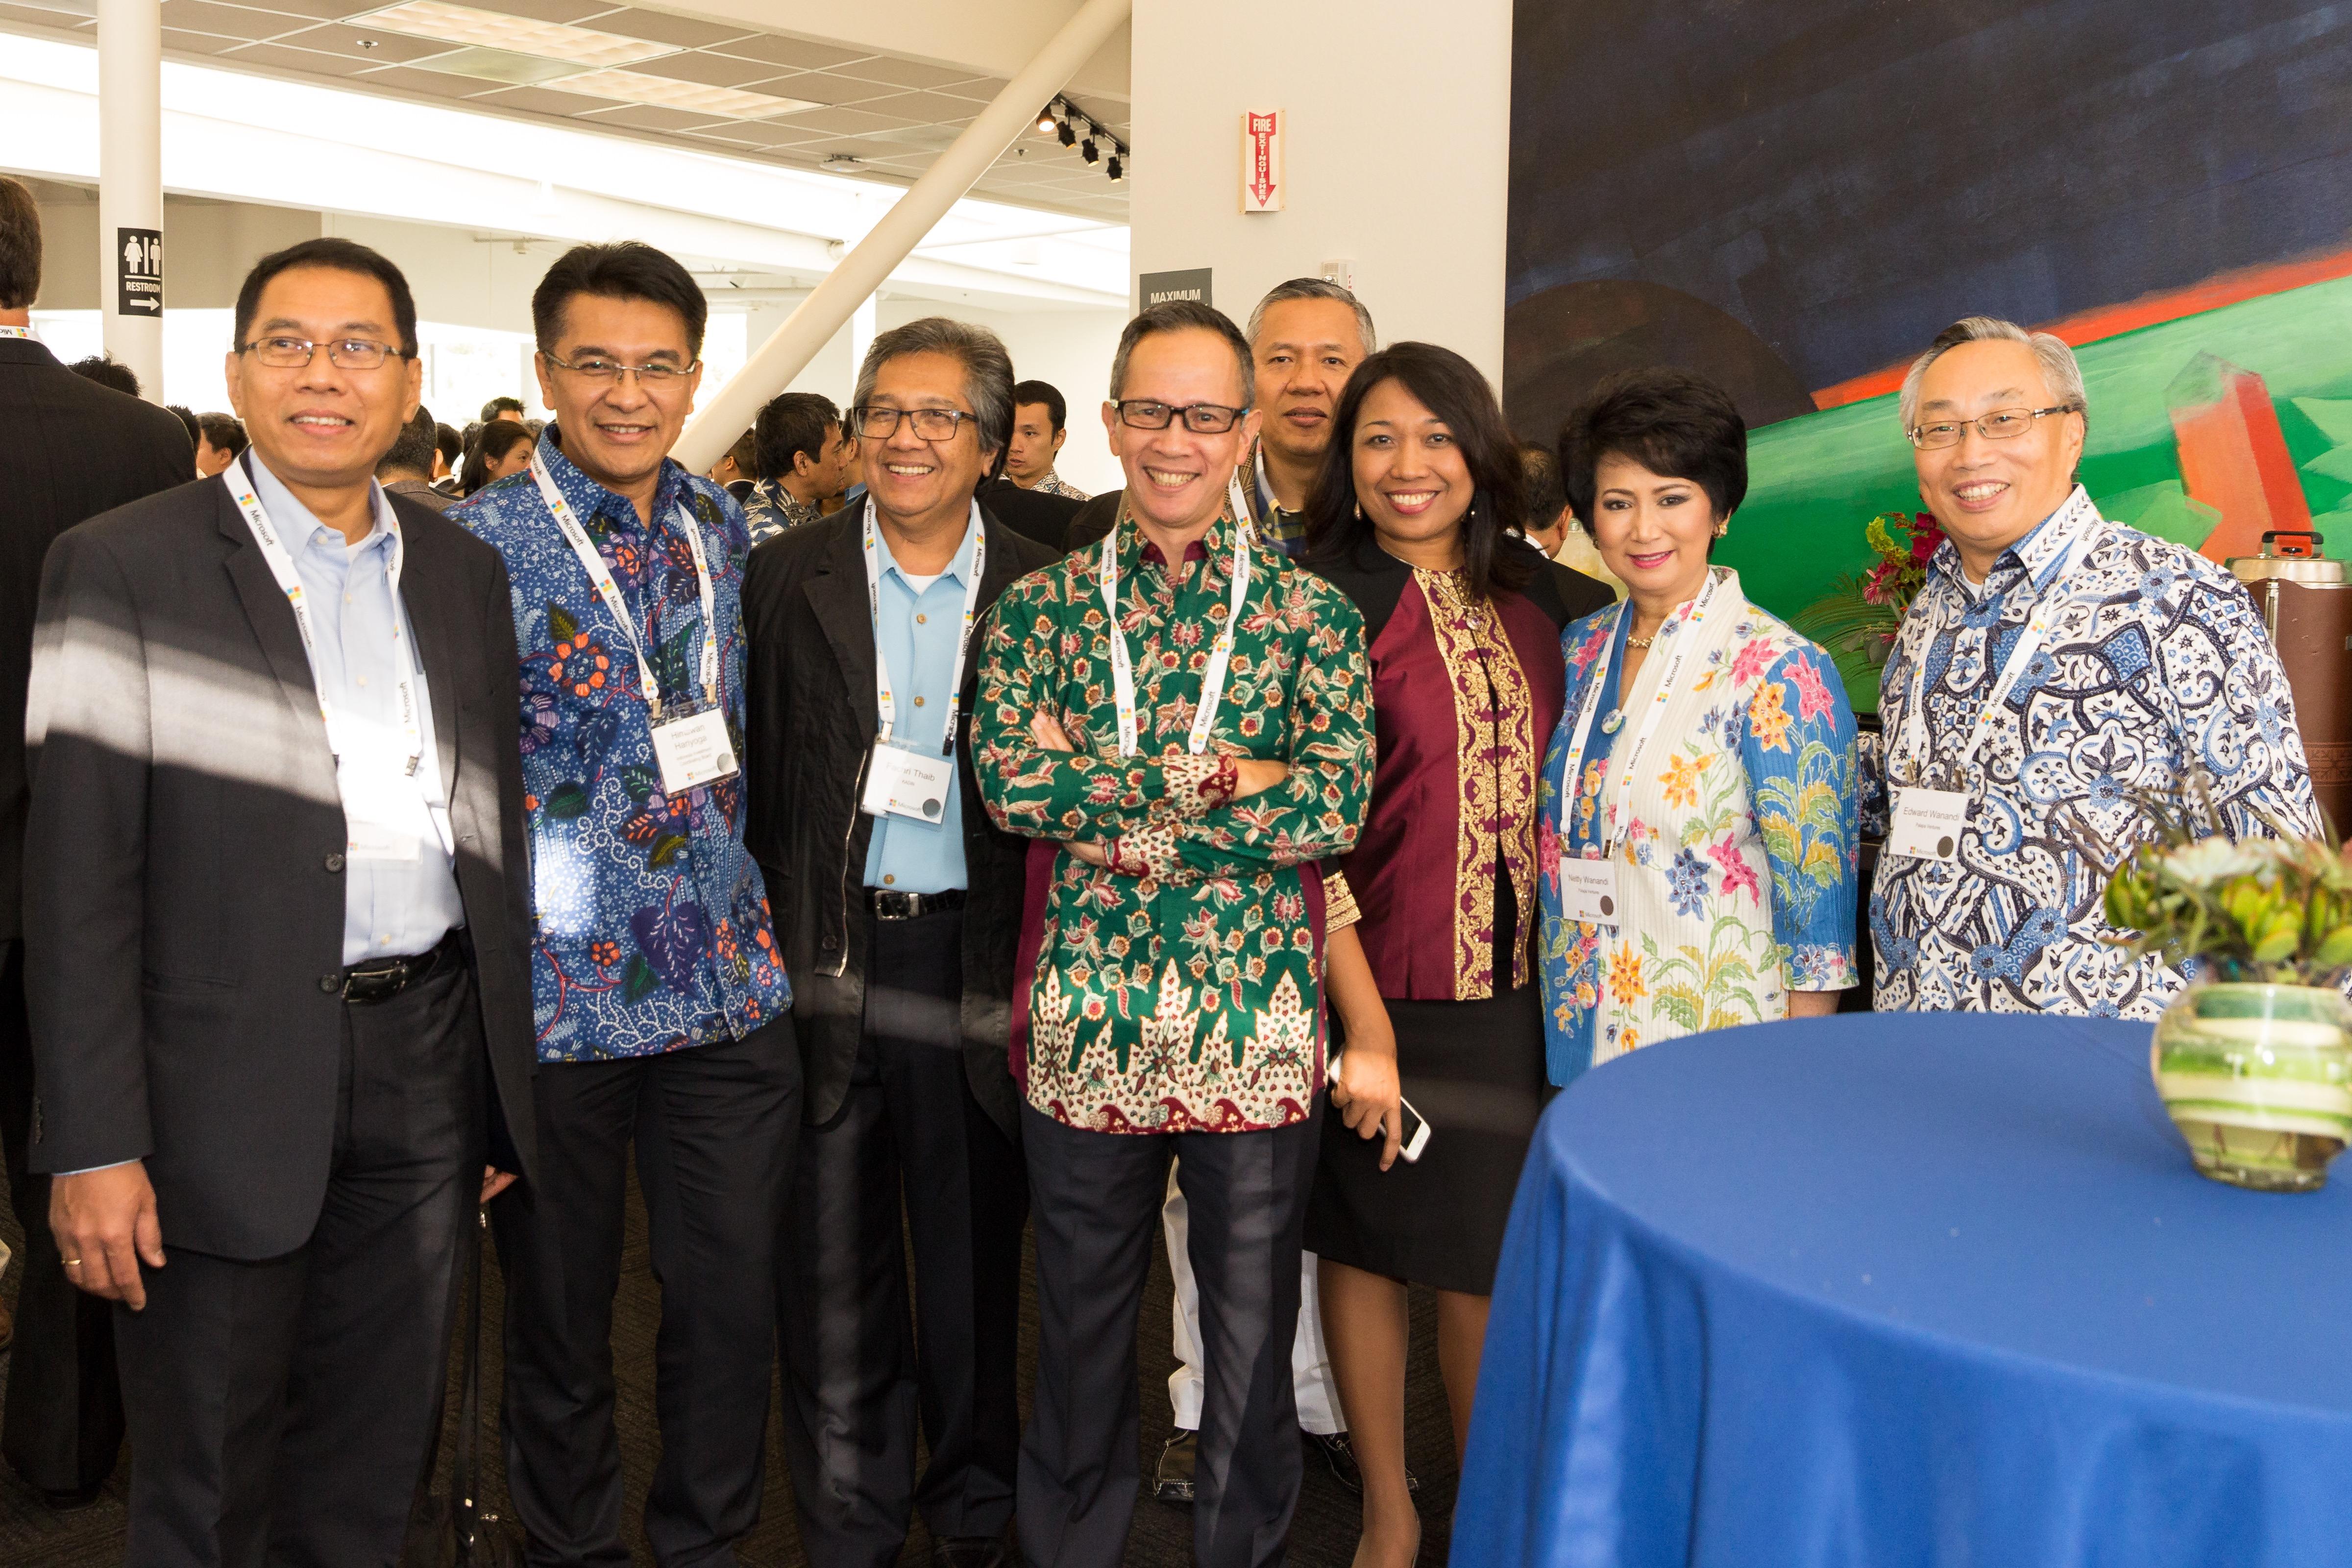 Indo delegation visit to SV - 18 of 115